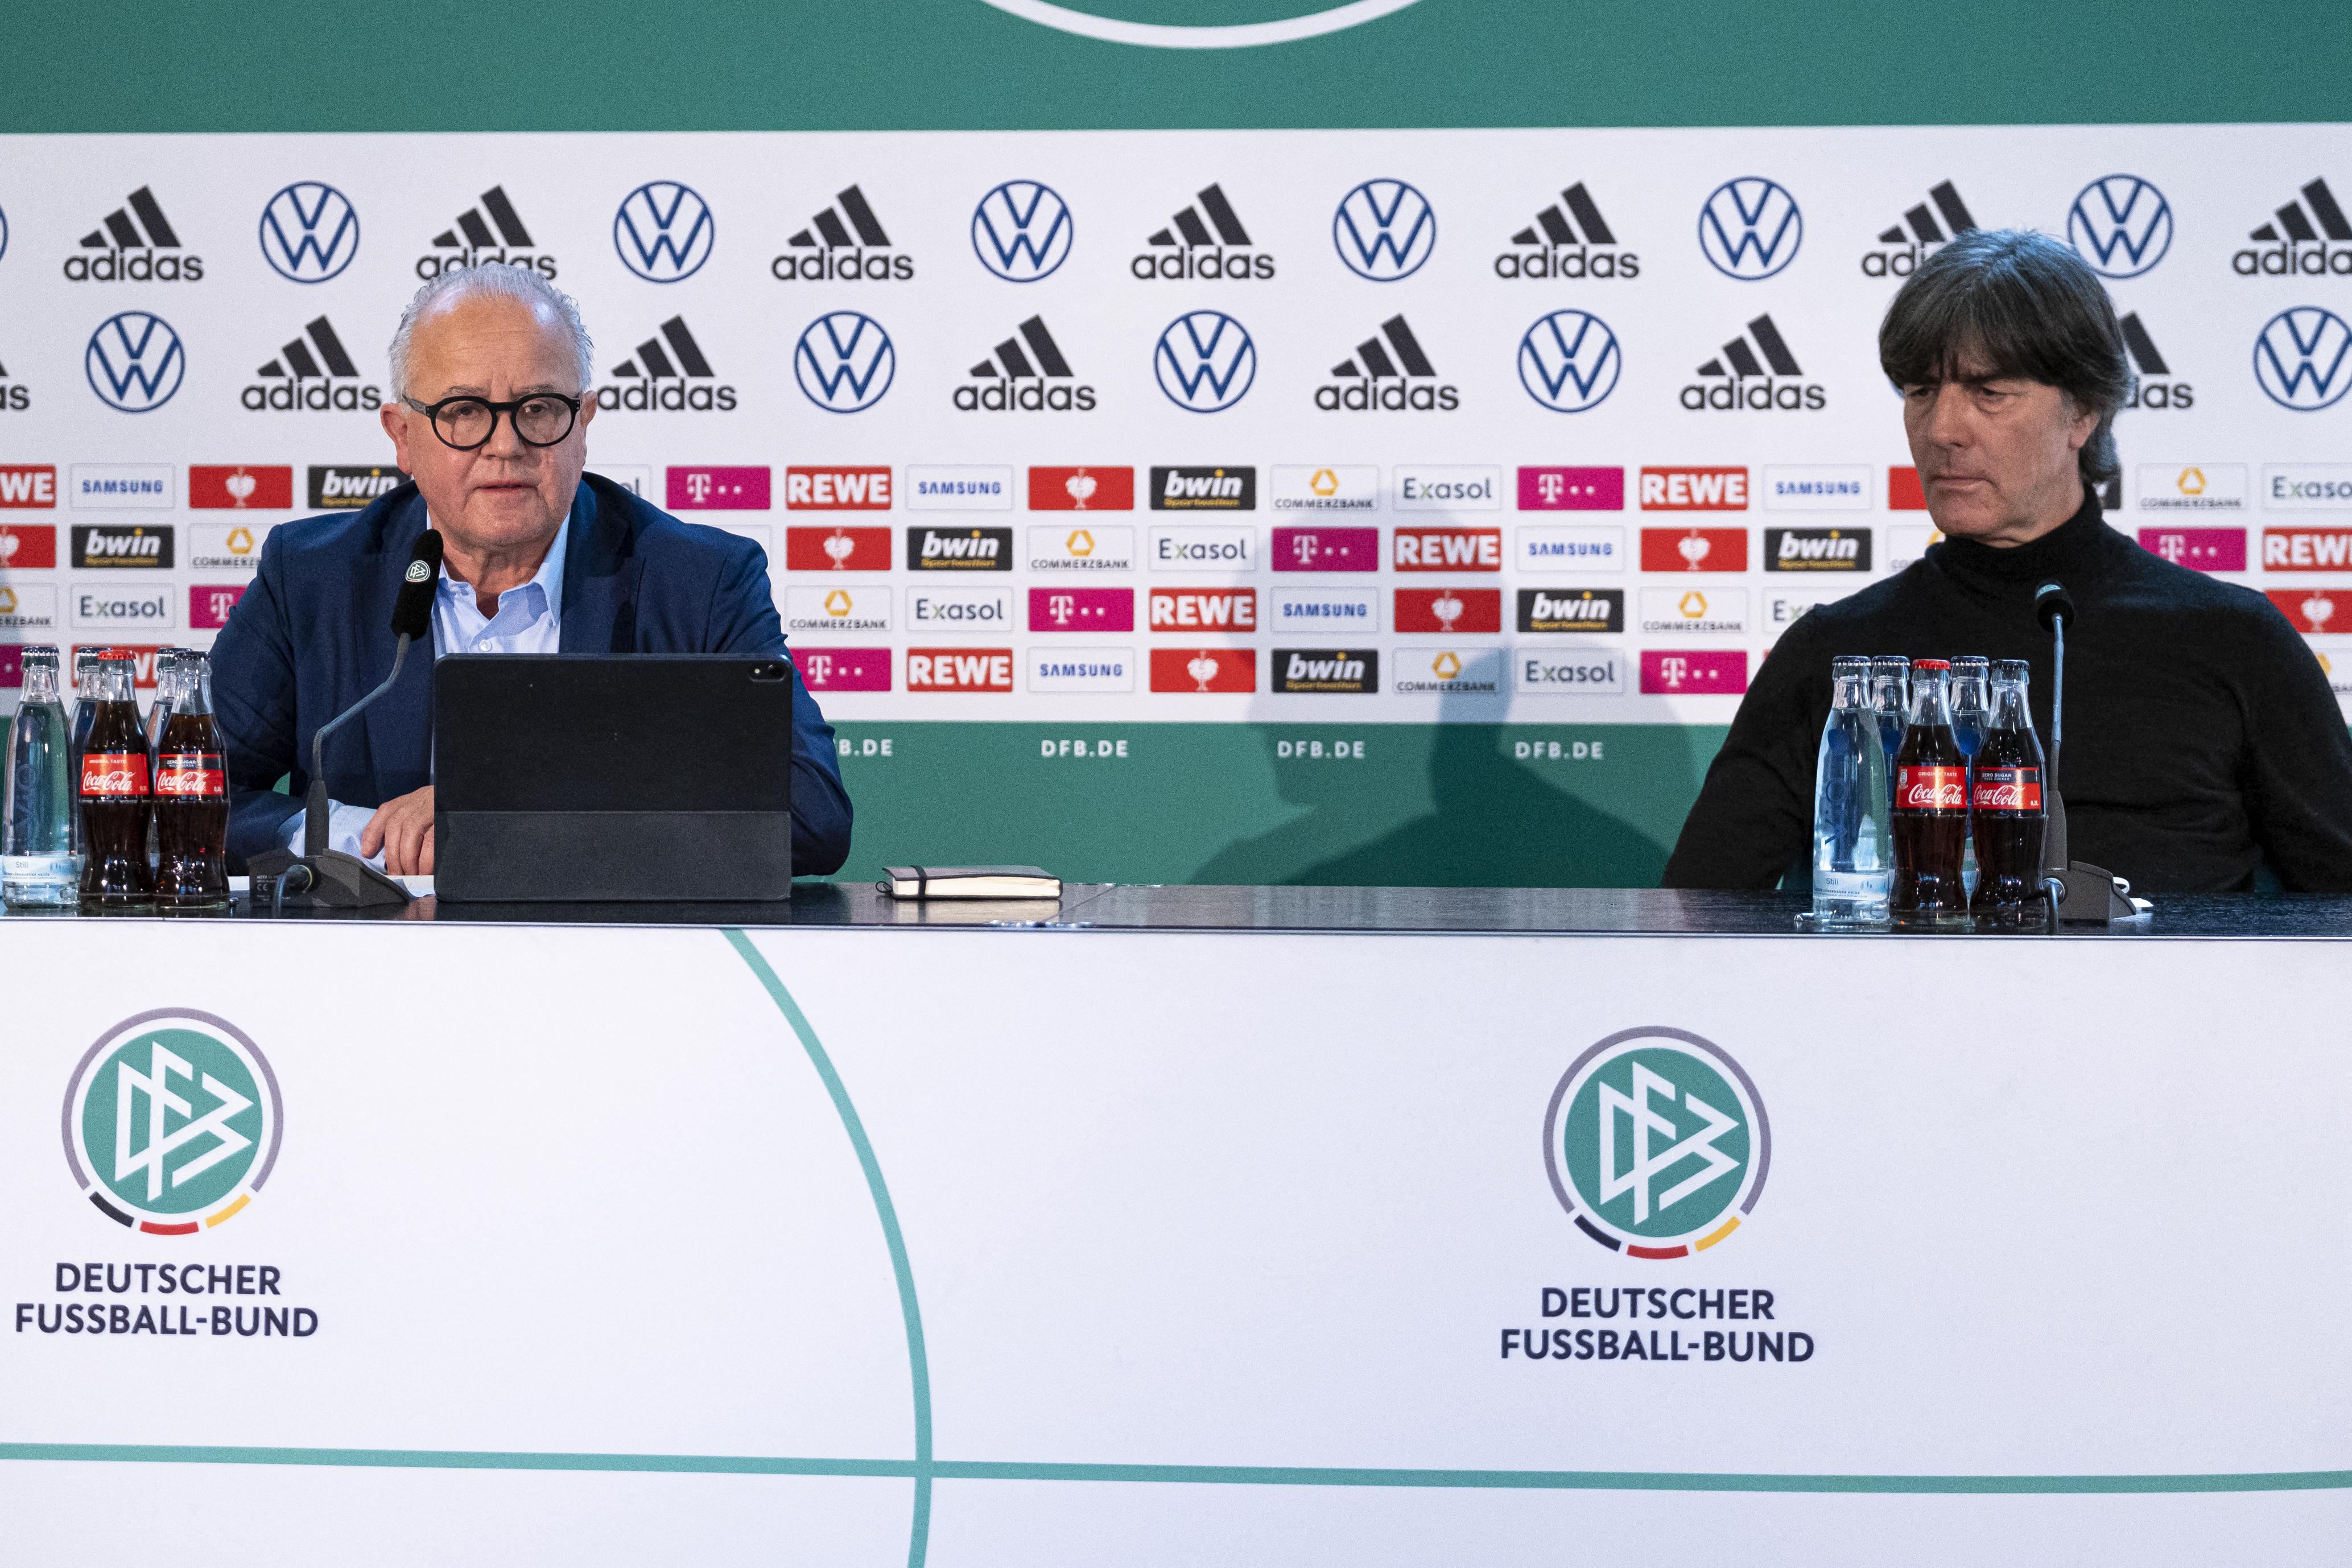 németül keresek egy nőt